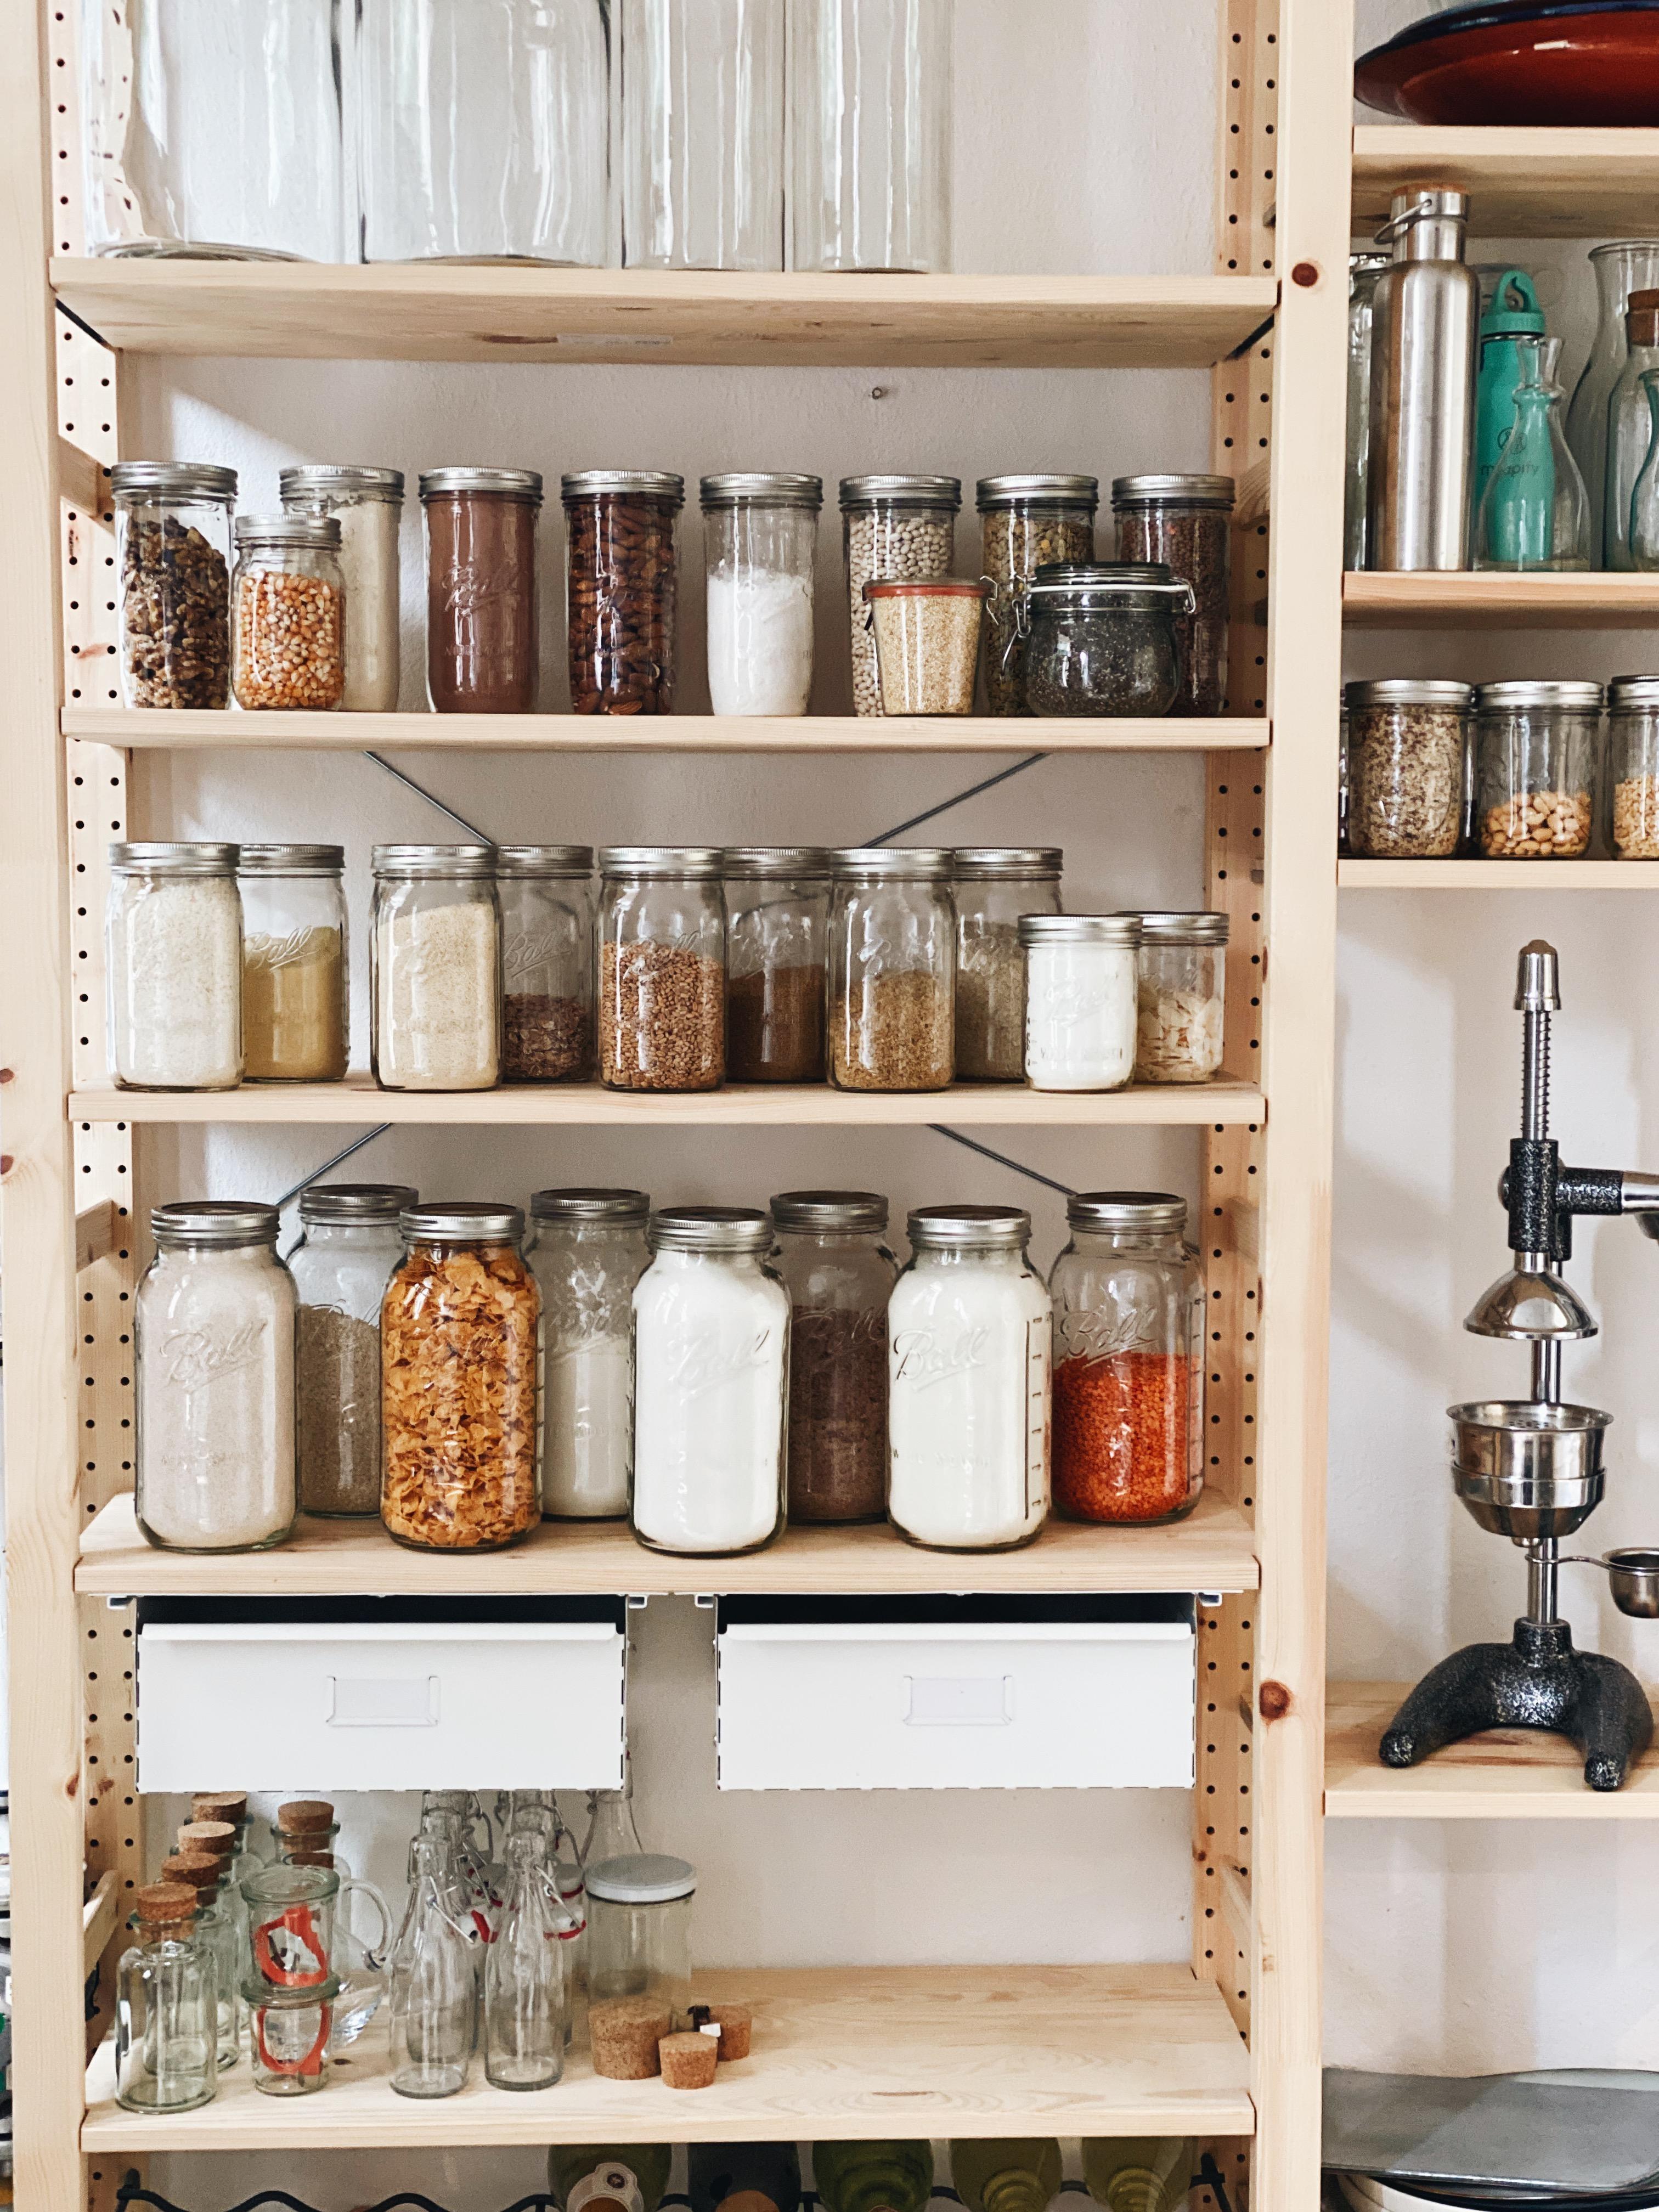 Küchenregal-Ideen: Lass dich inspirieren!